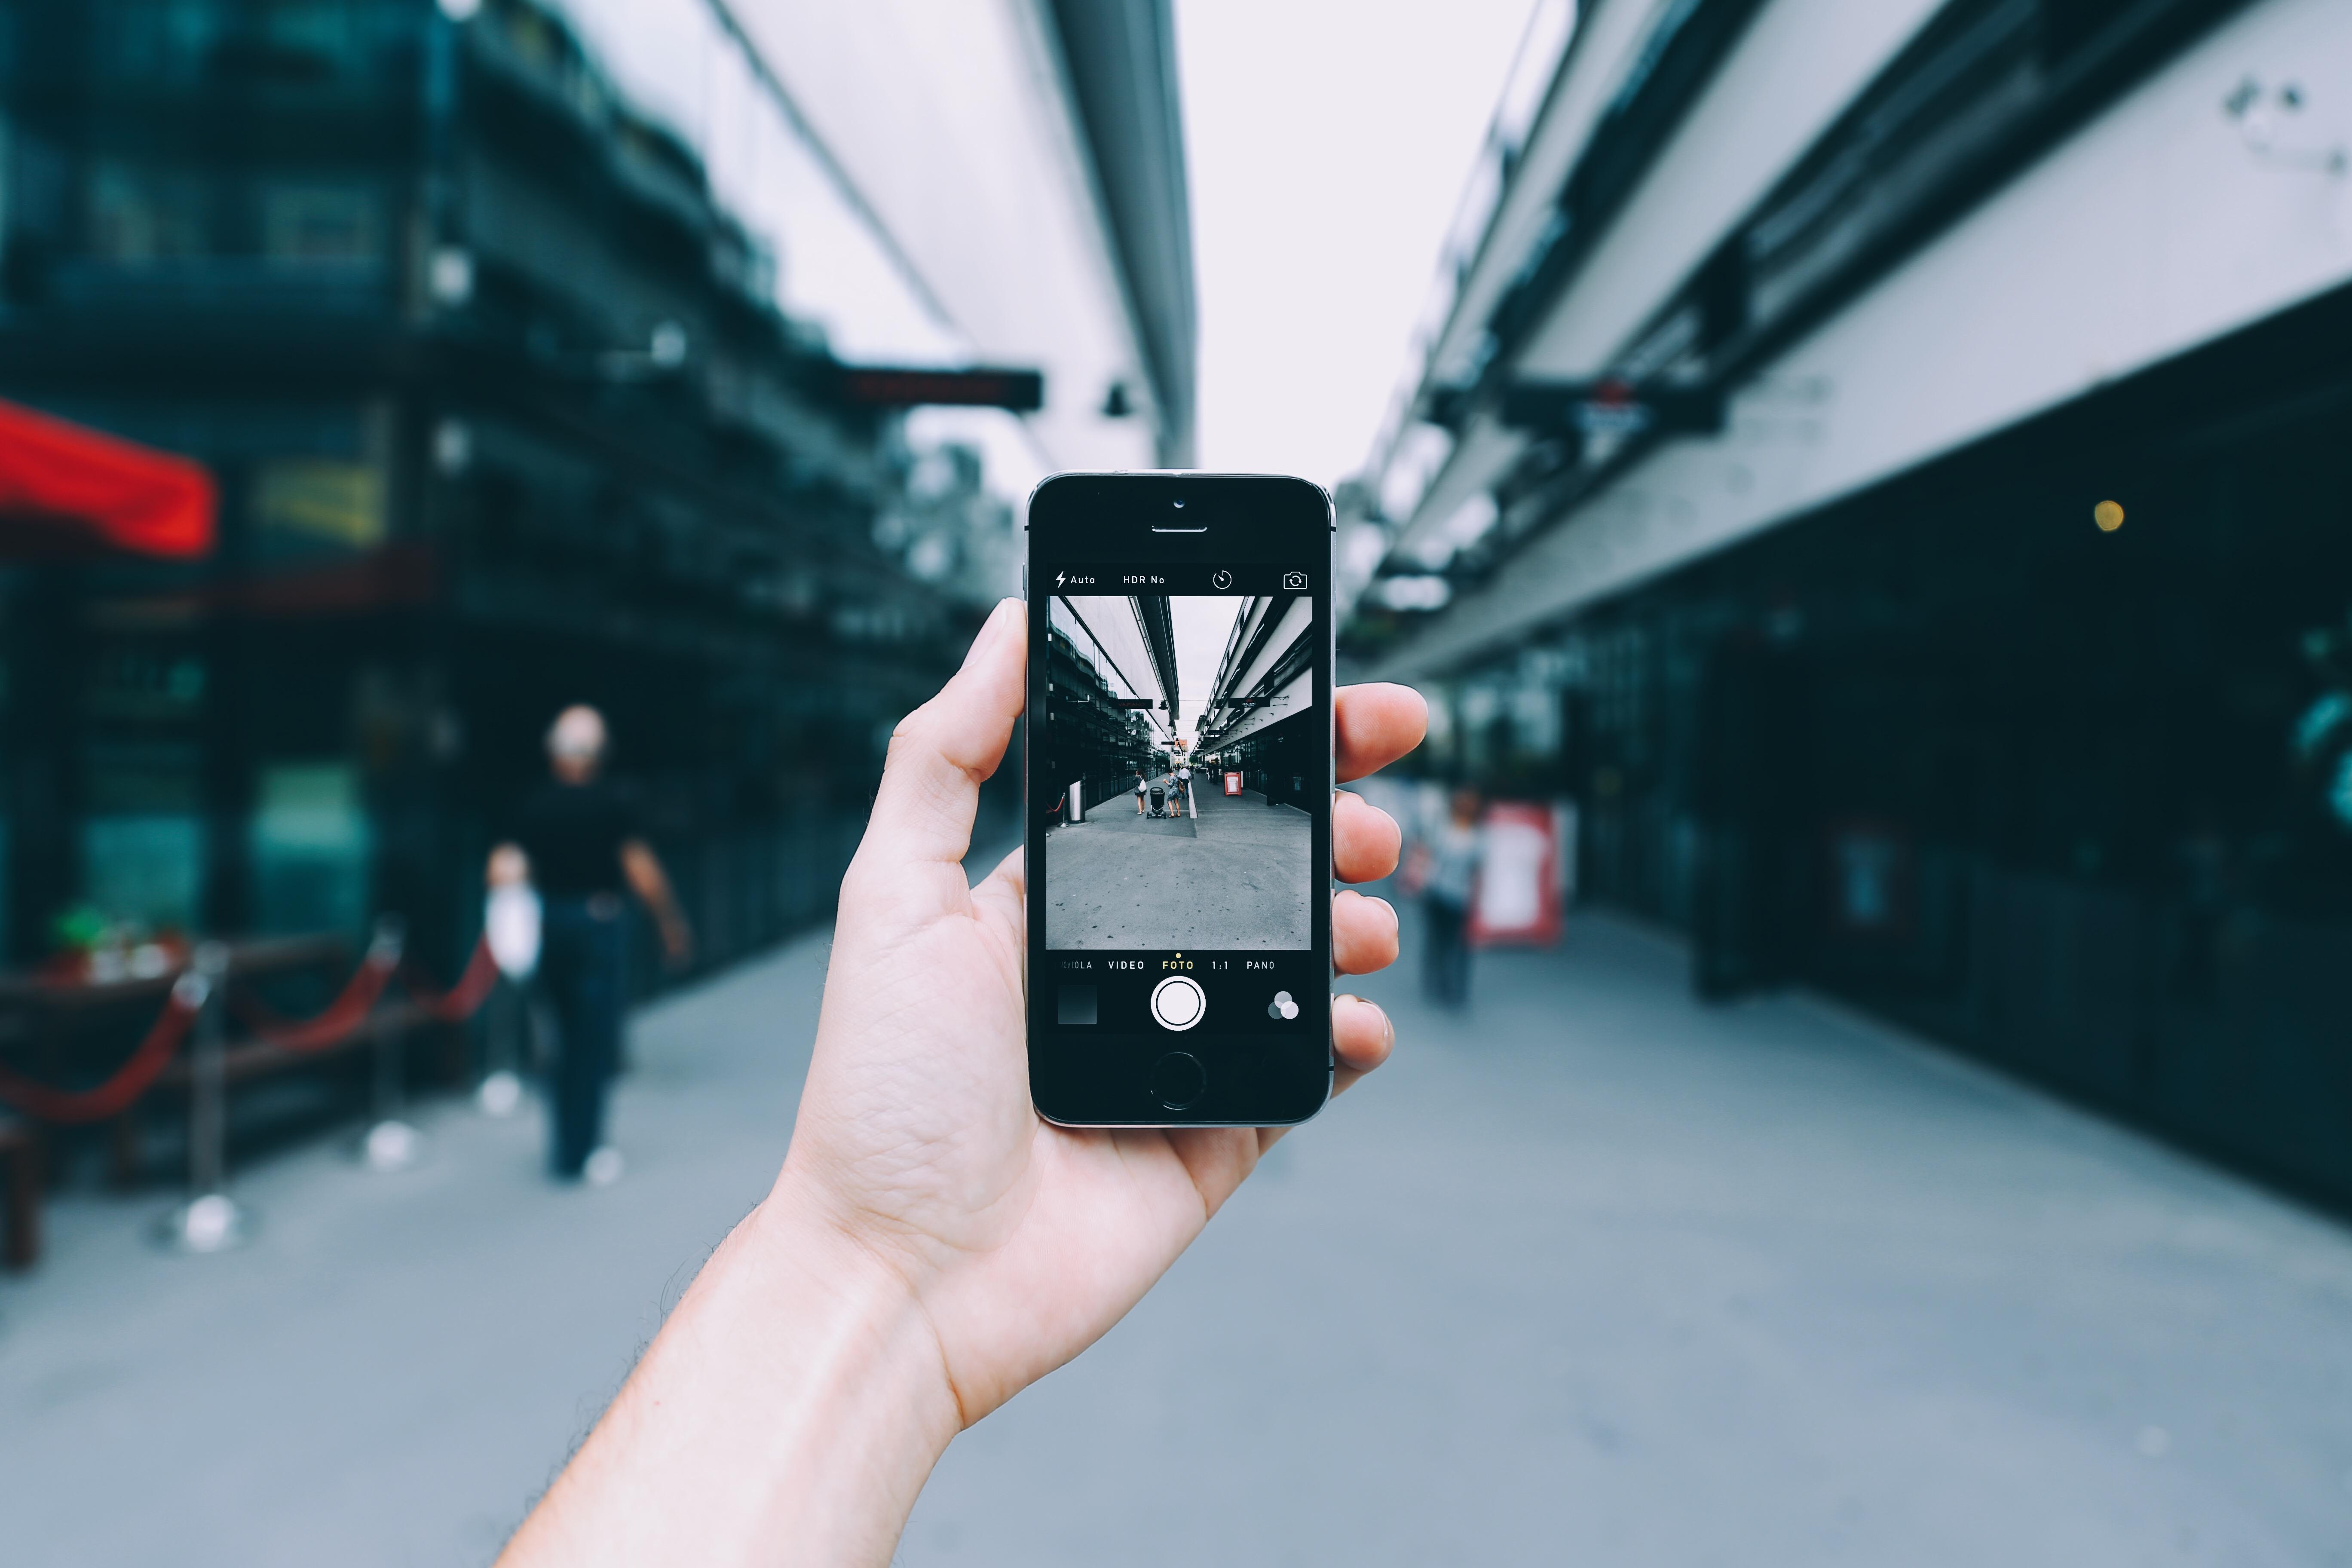 utiliser le numérique pour facilité la participation citoyenne